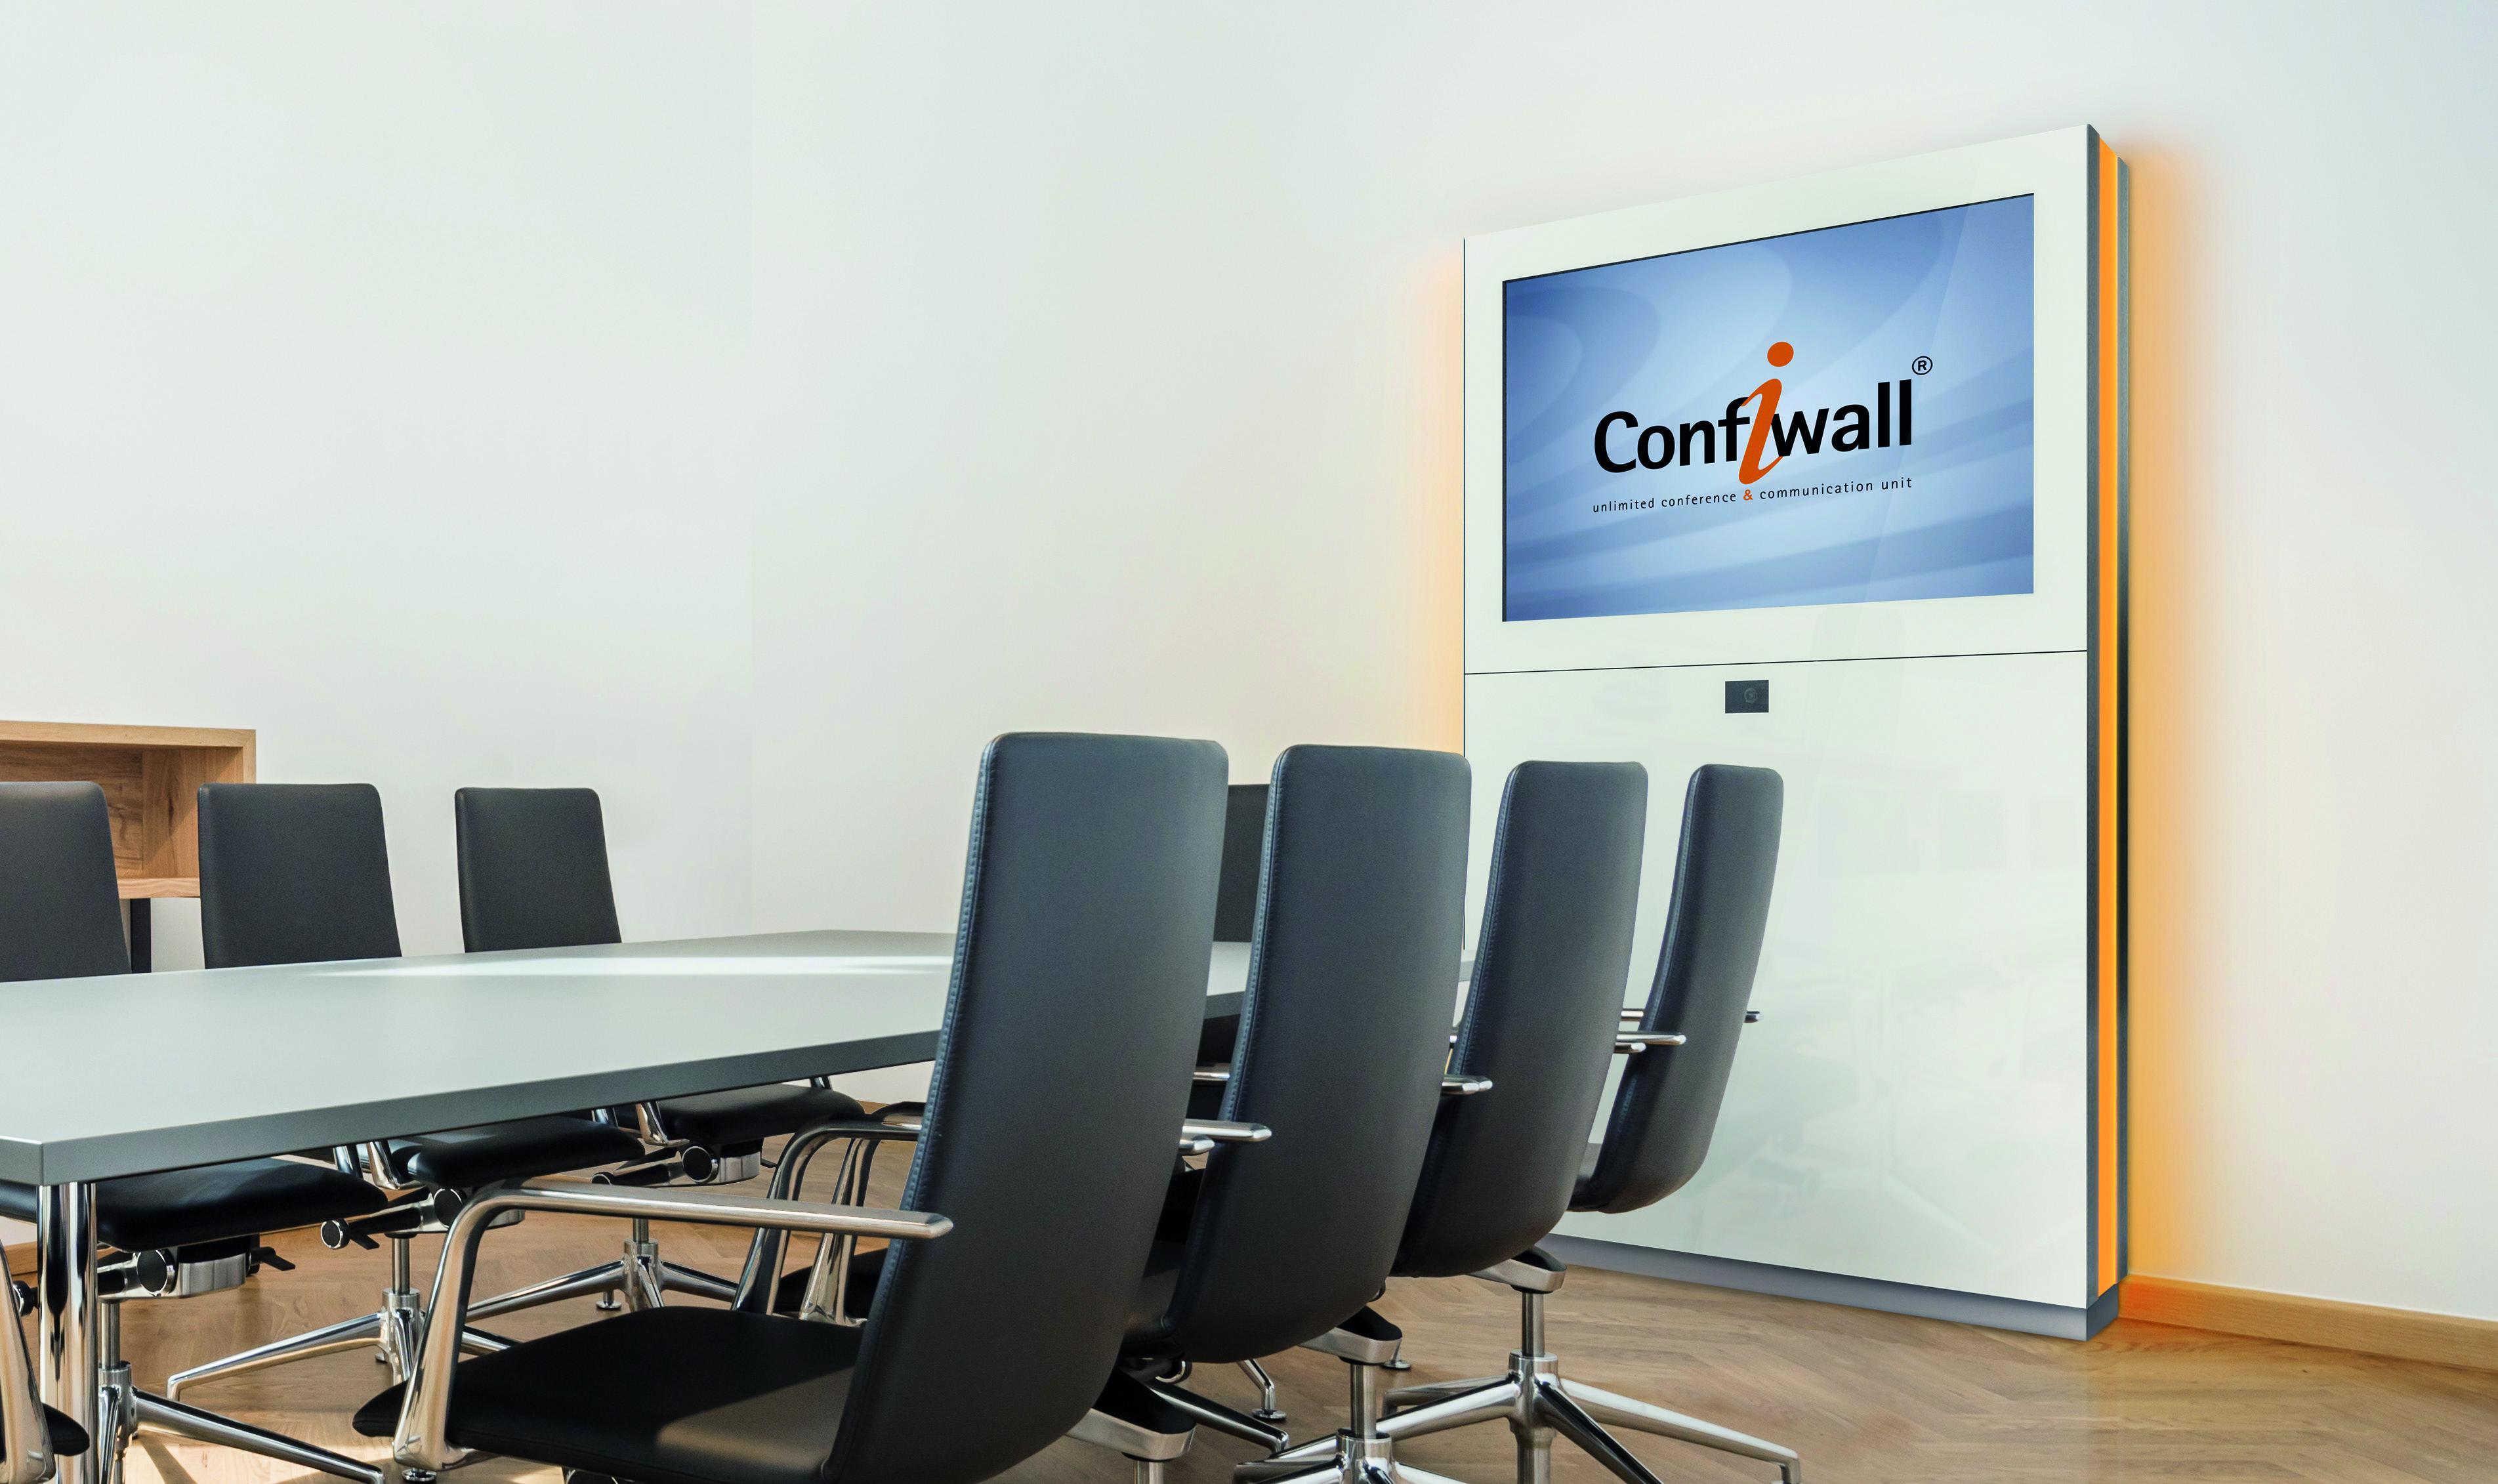 Konferenzraum mit Confiwall